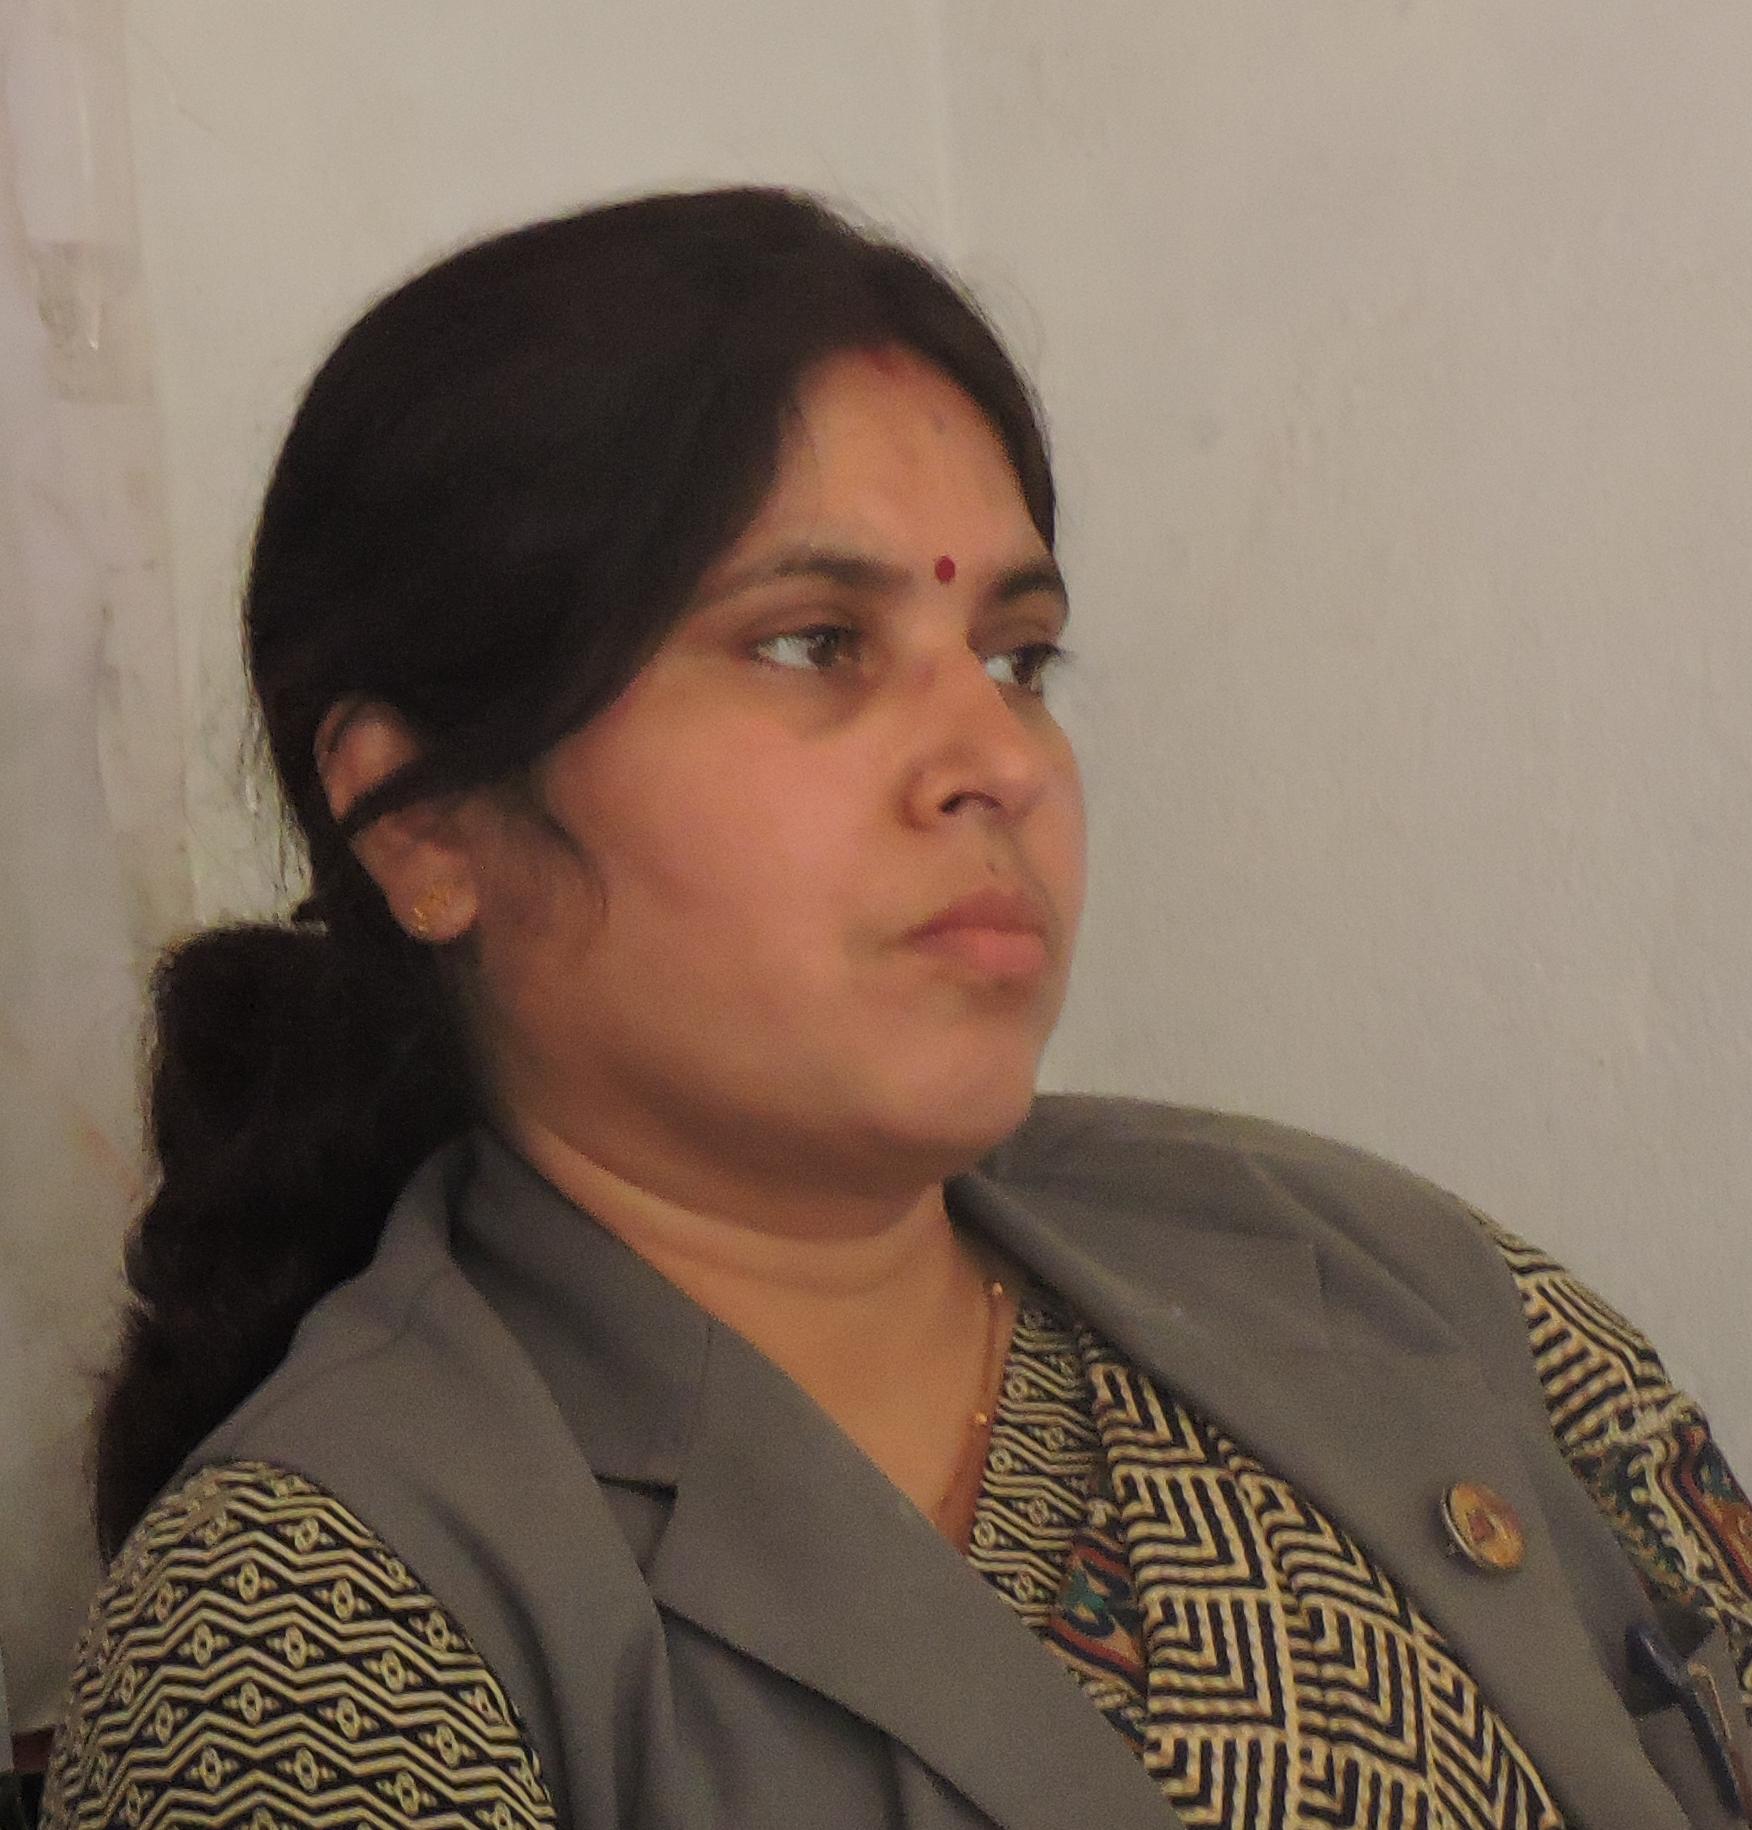 (डॉ. डिम्पल झा, सभासद् व राजपा नेपाल की नेतृ हैं ।)